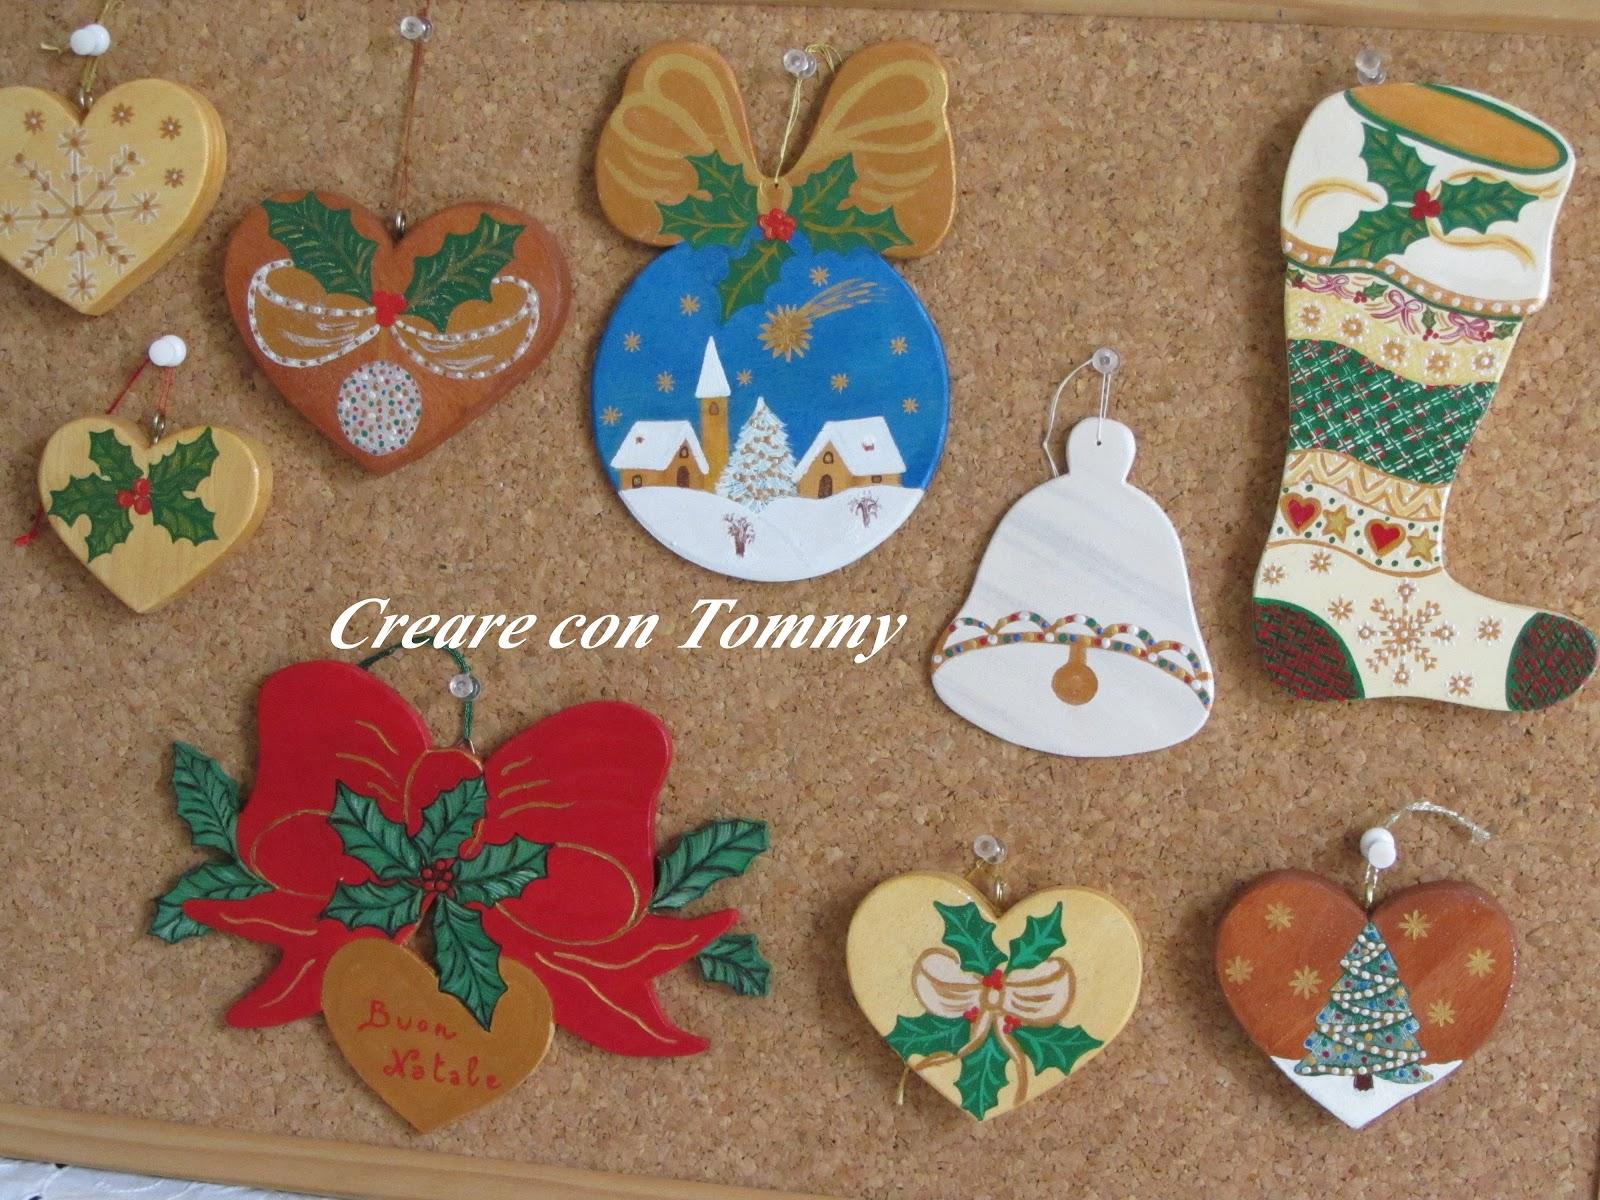 Decorazioni In Legno Natalizie : Creare con tommy natale decorazioni natalizie in legno